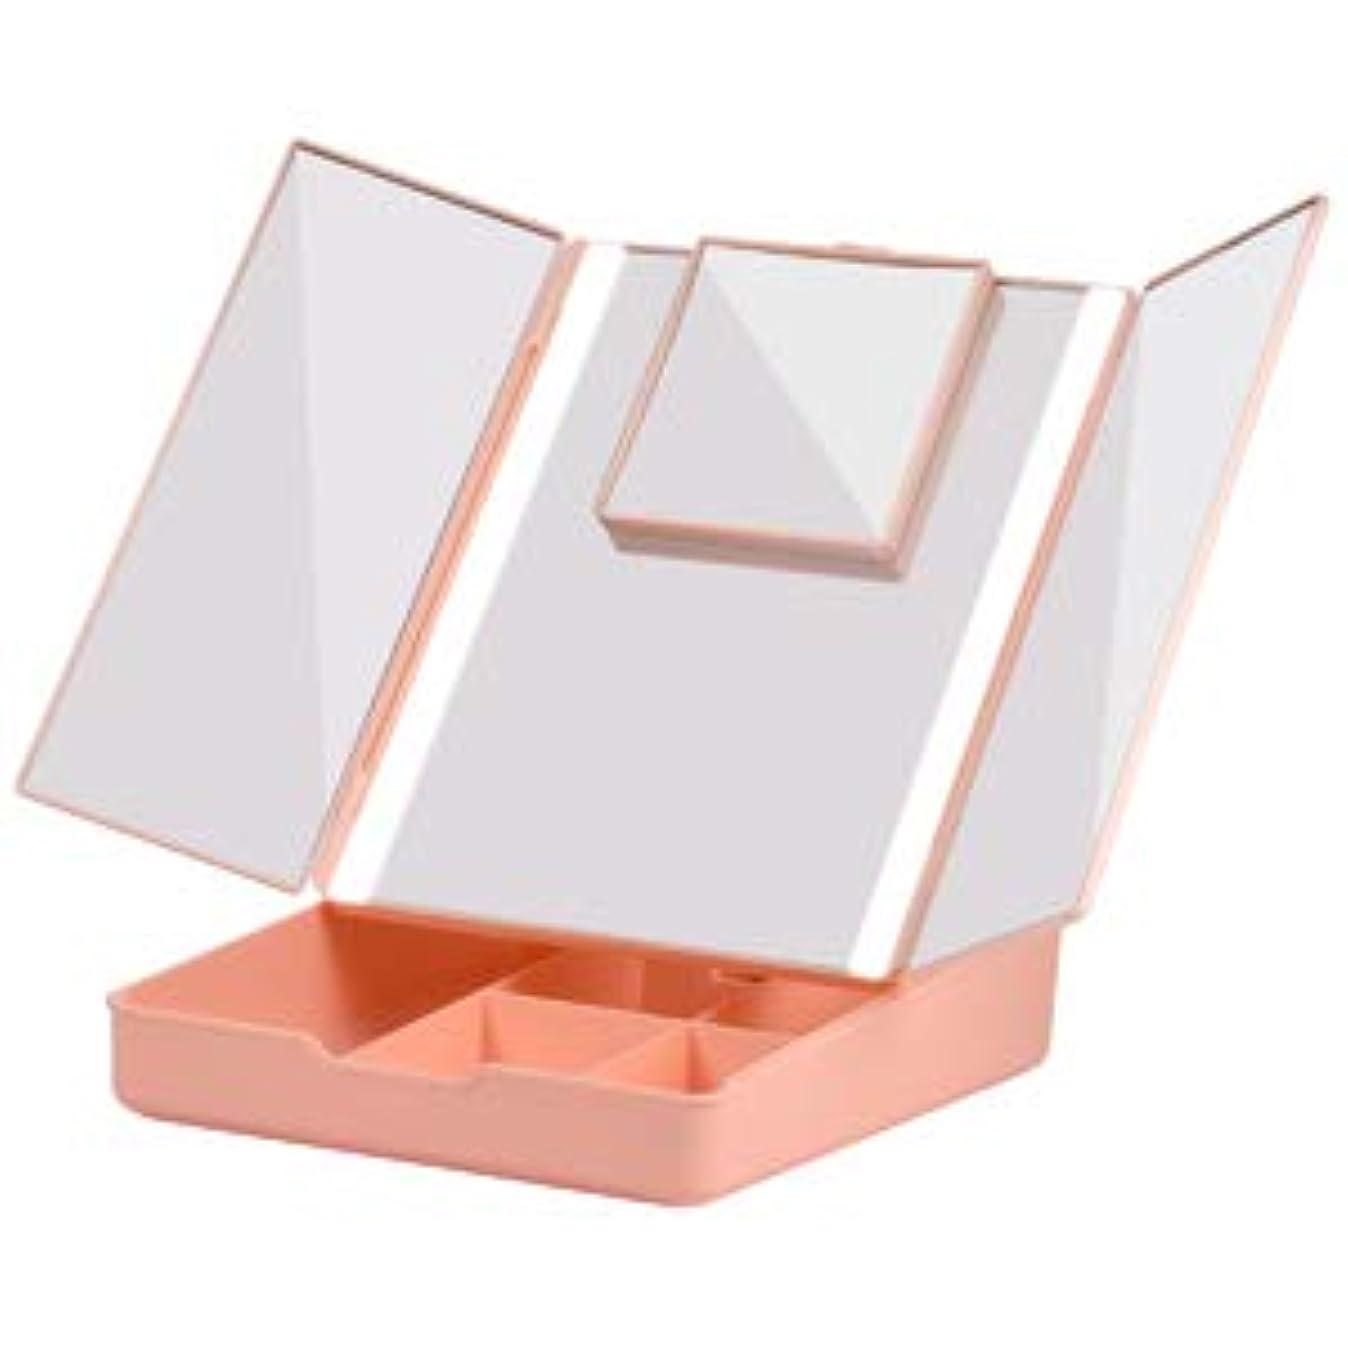 橋使用法はっきりとFascinate 折りたたみ式三面鏡 化粧鏡 7倍拡大鏡付き 24個LED スタンドミラー USB&電池式 角度調整可能 収納ケース付き